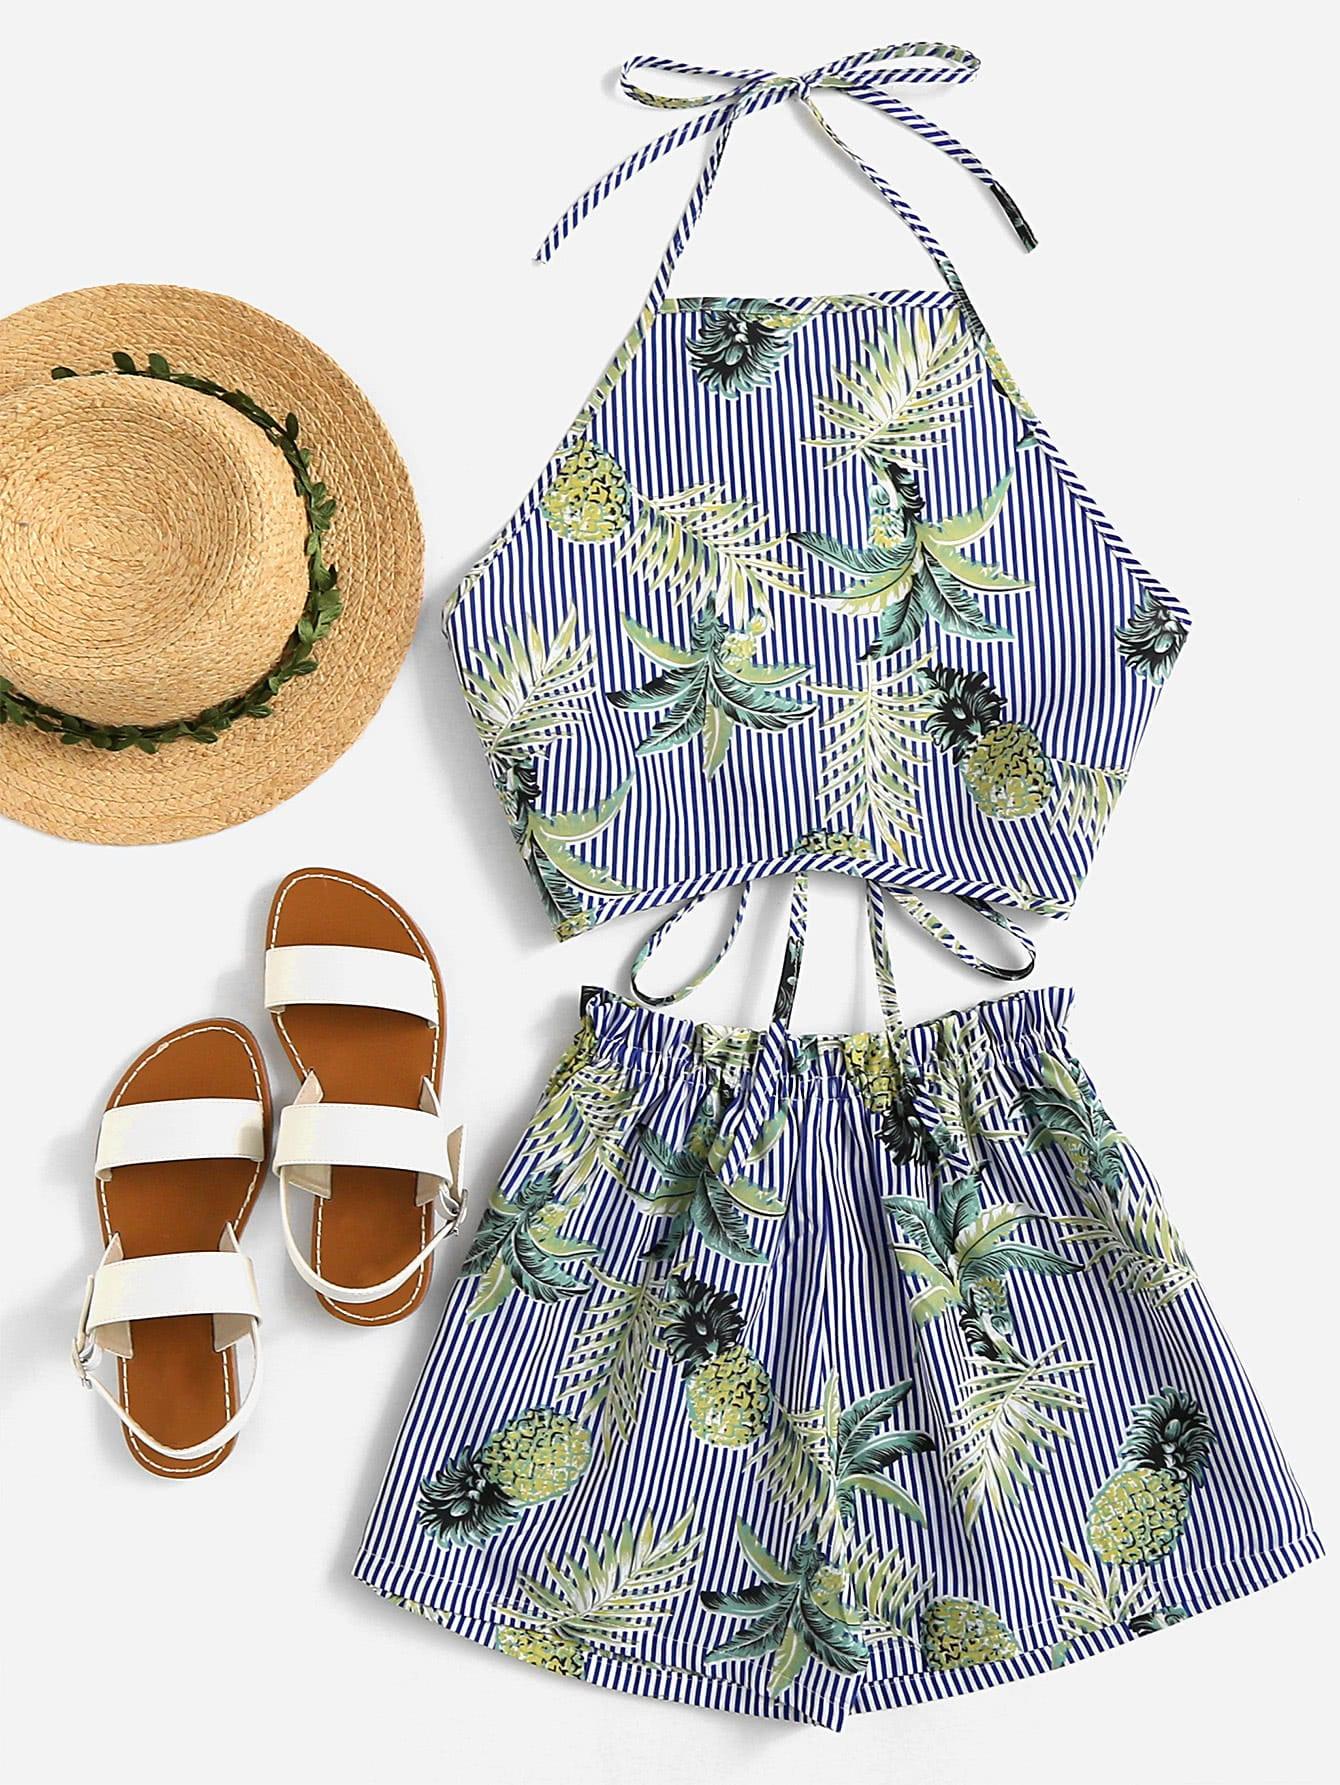 Фото Foliage Print Striped Crop Halter Top With Shorts. Купить с доставкой